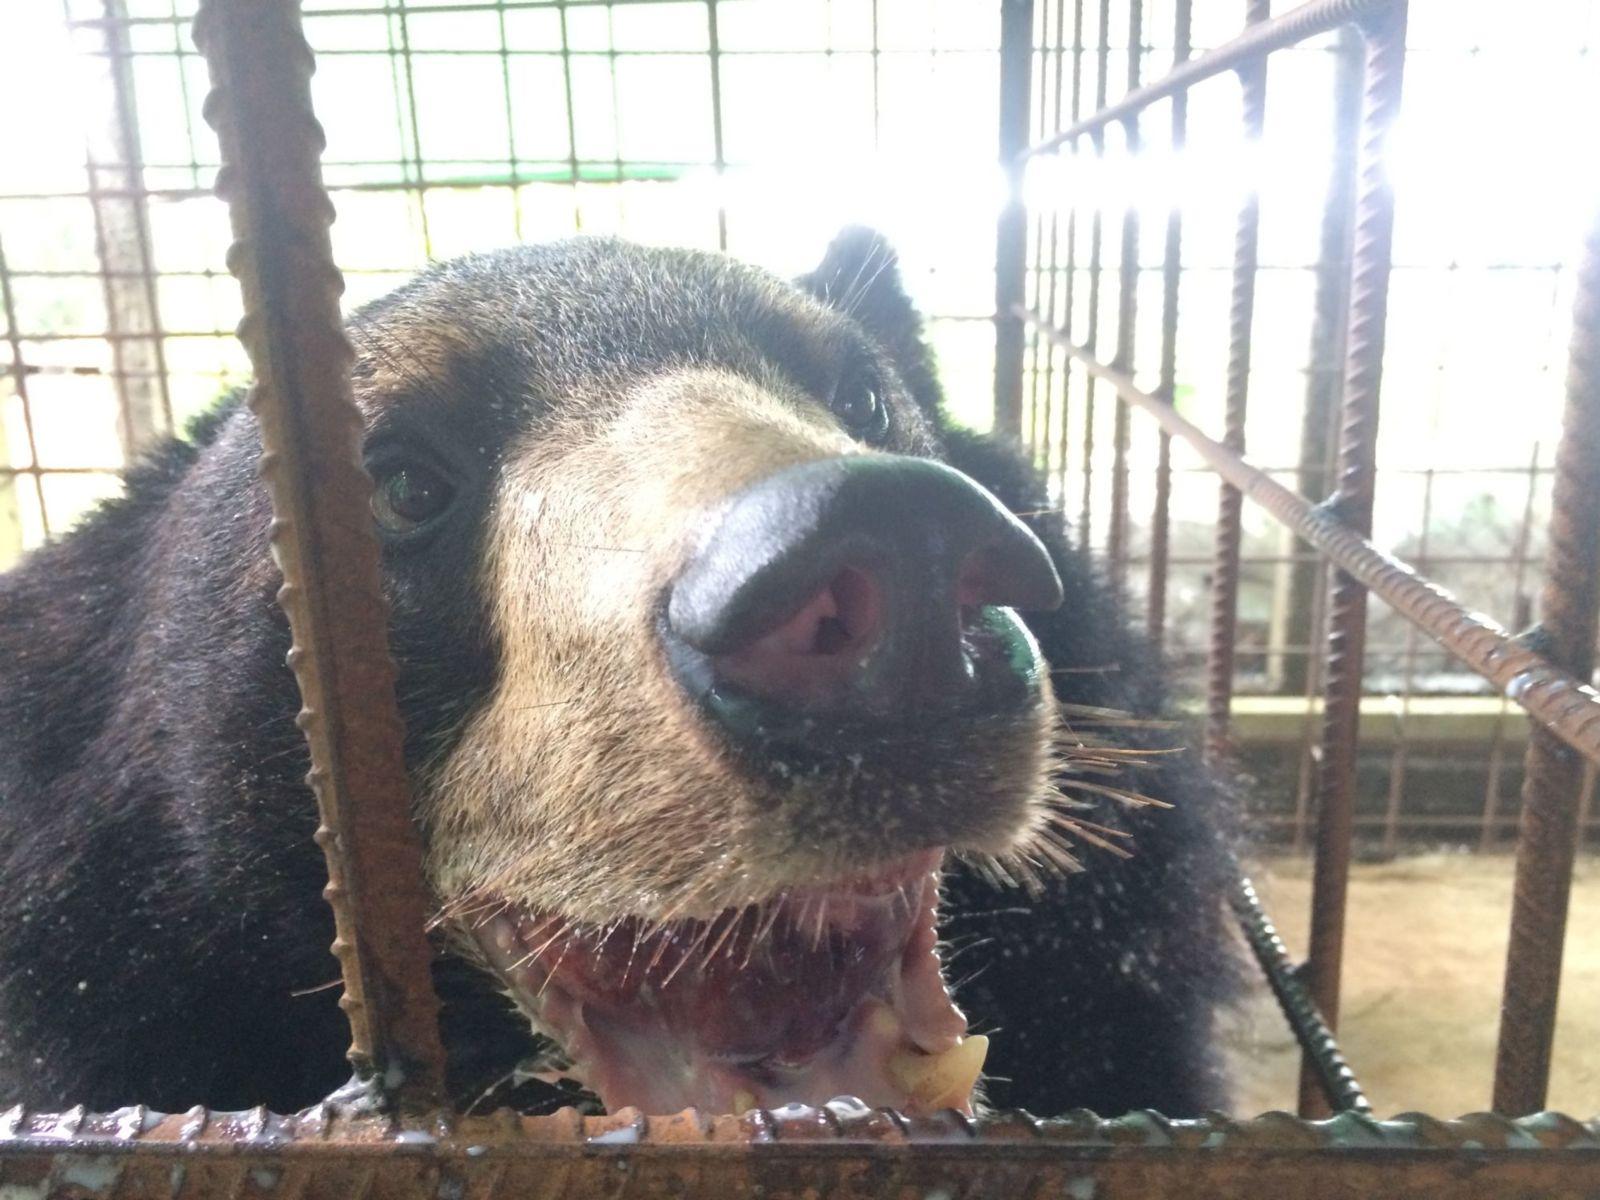 Veterinários Juntam-se Para Ajudar Urso Com Monstruosa Língua De 3 Quilos 2